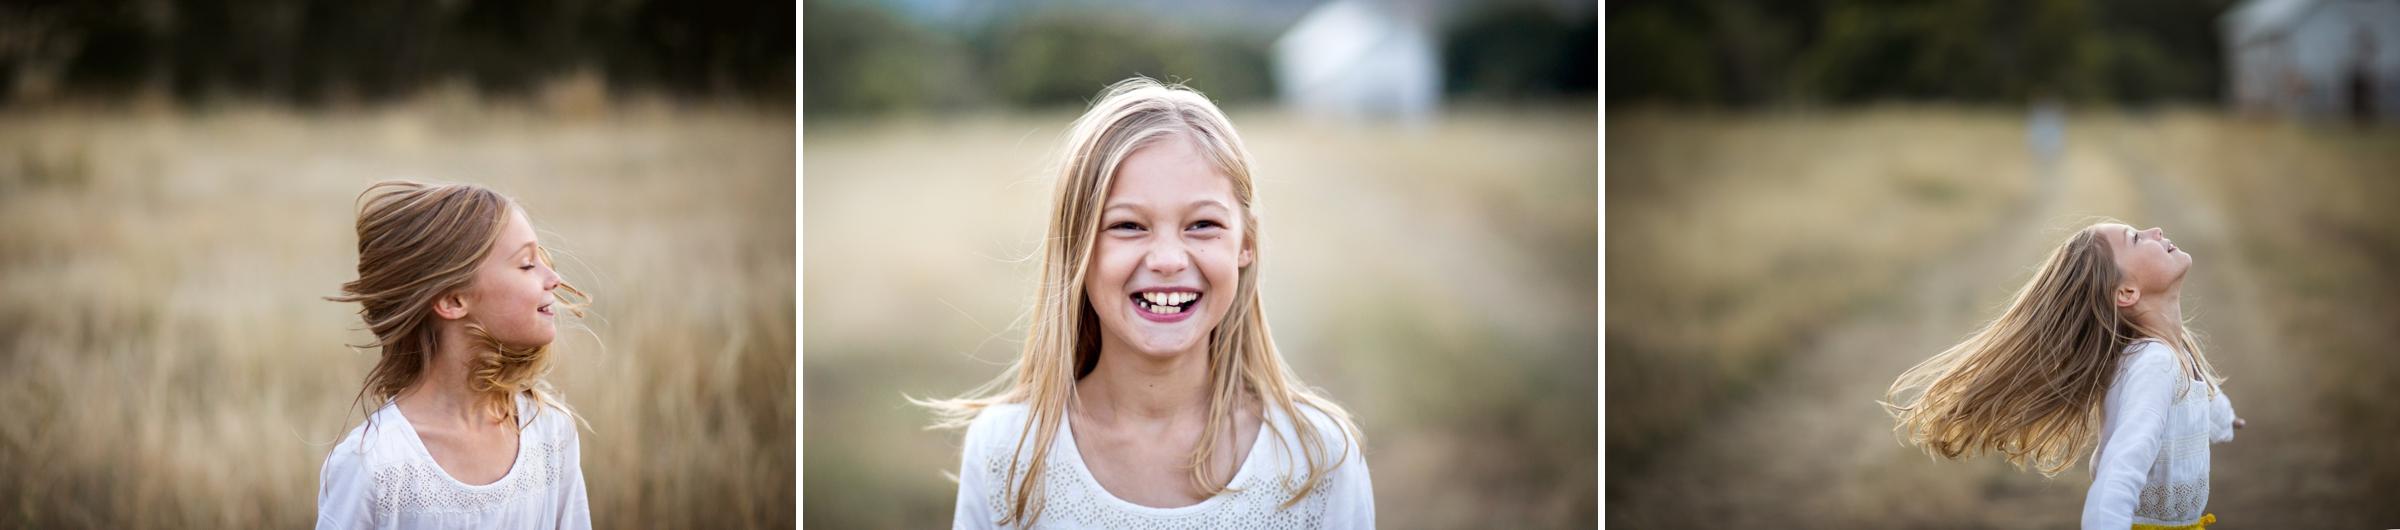 creative children photographer, best children photographer, fun children photographer